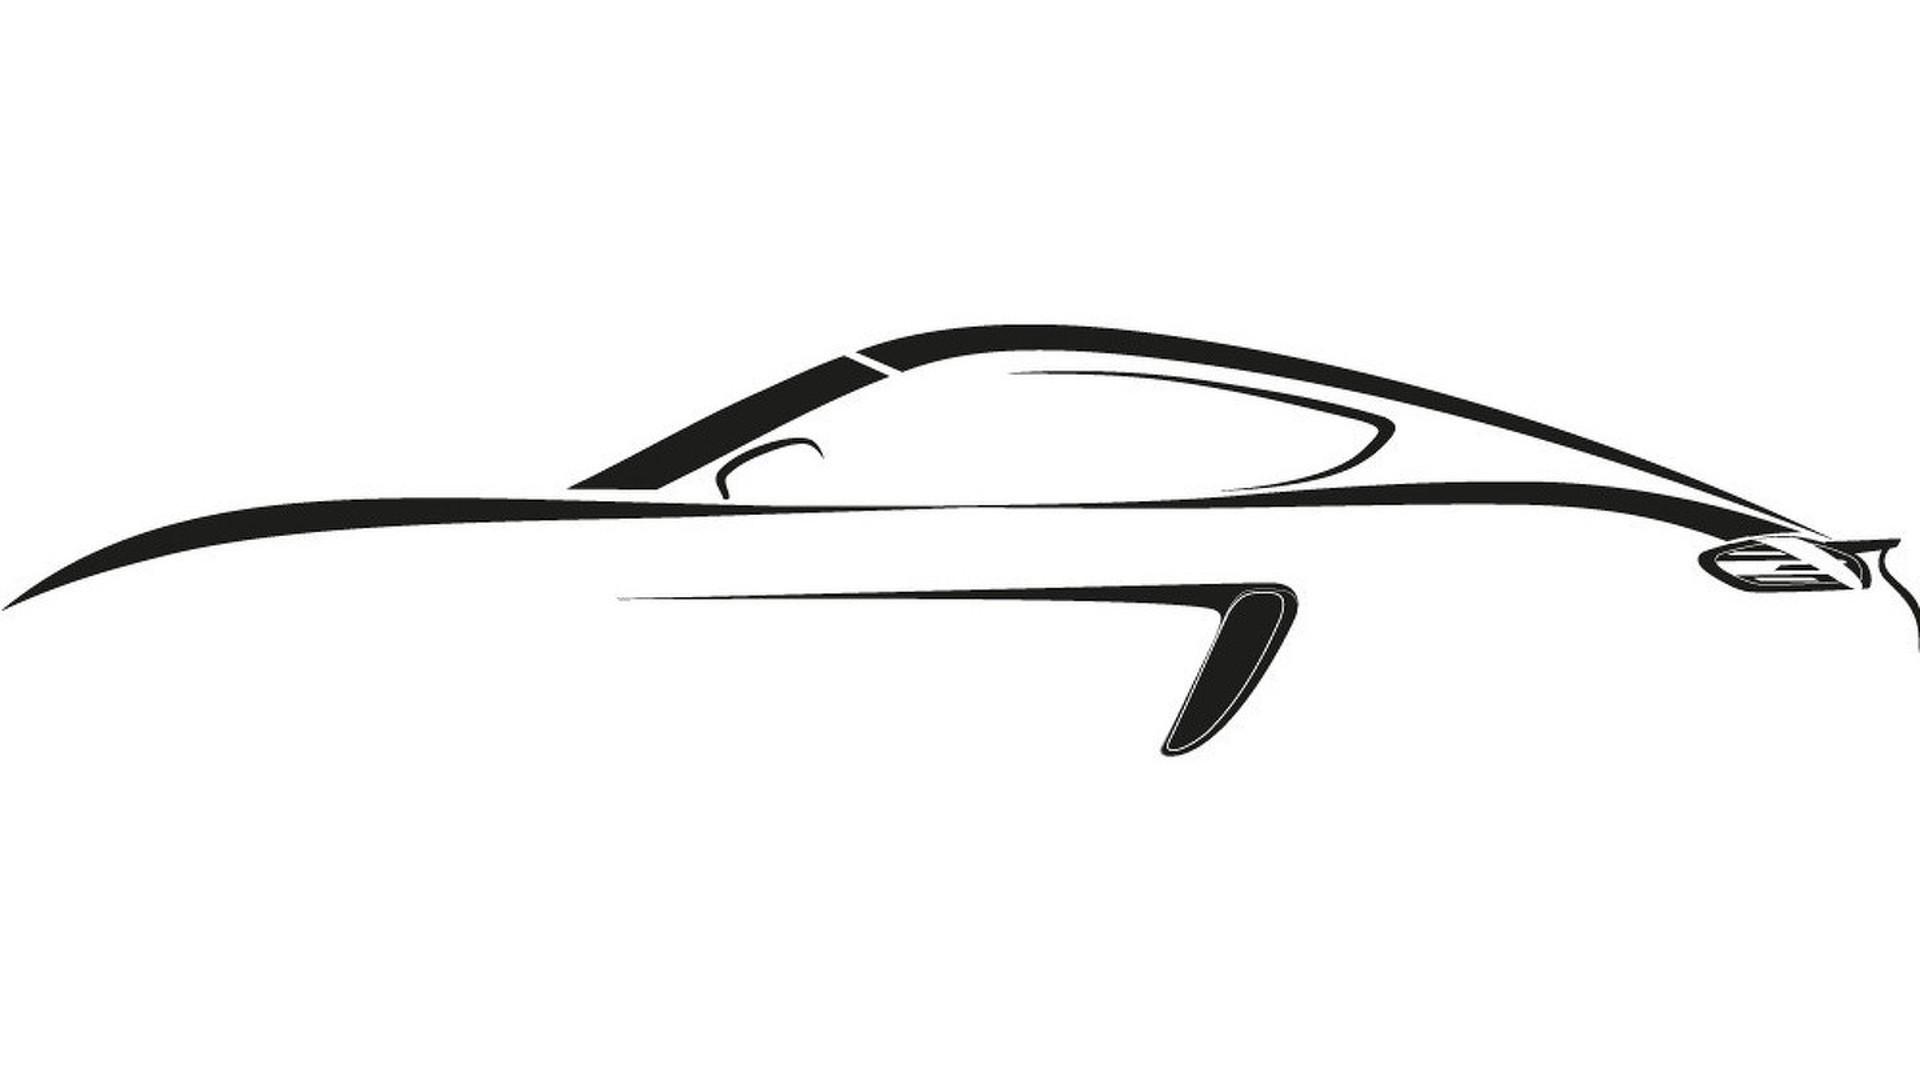 Porsche 718 Boxster & Cayman announced